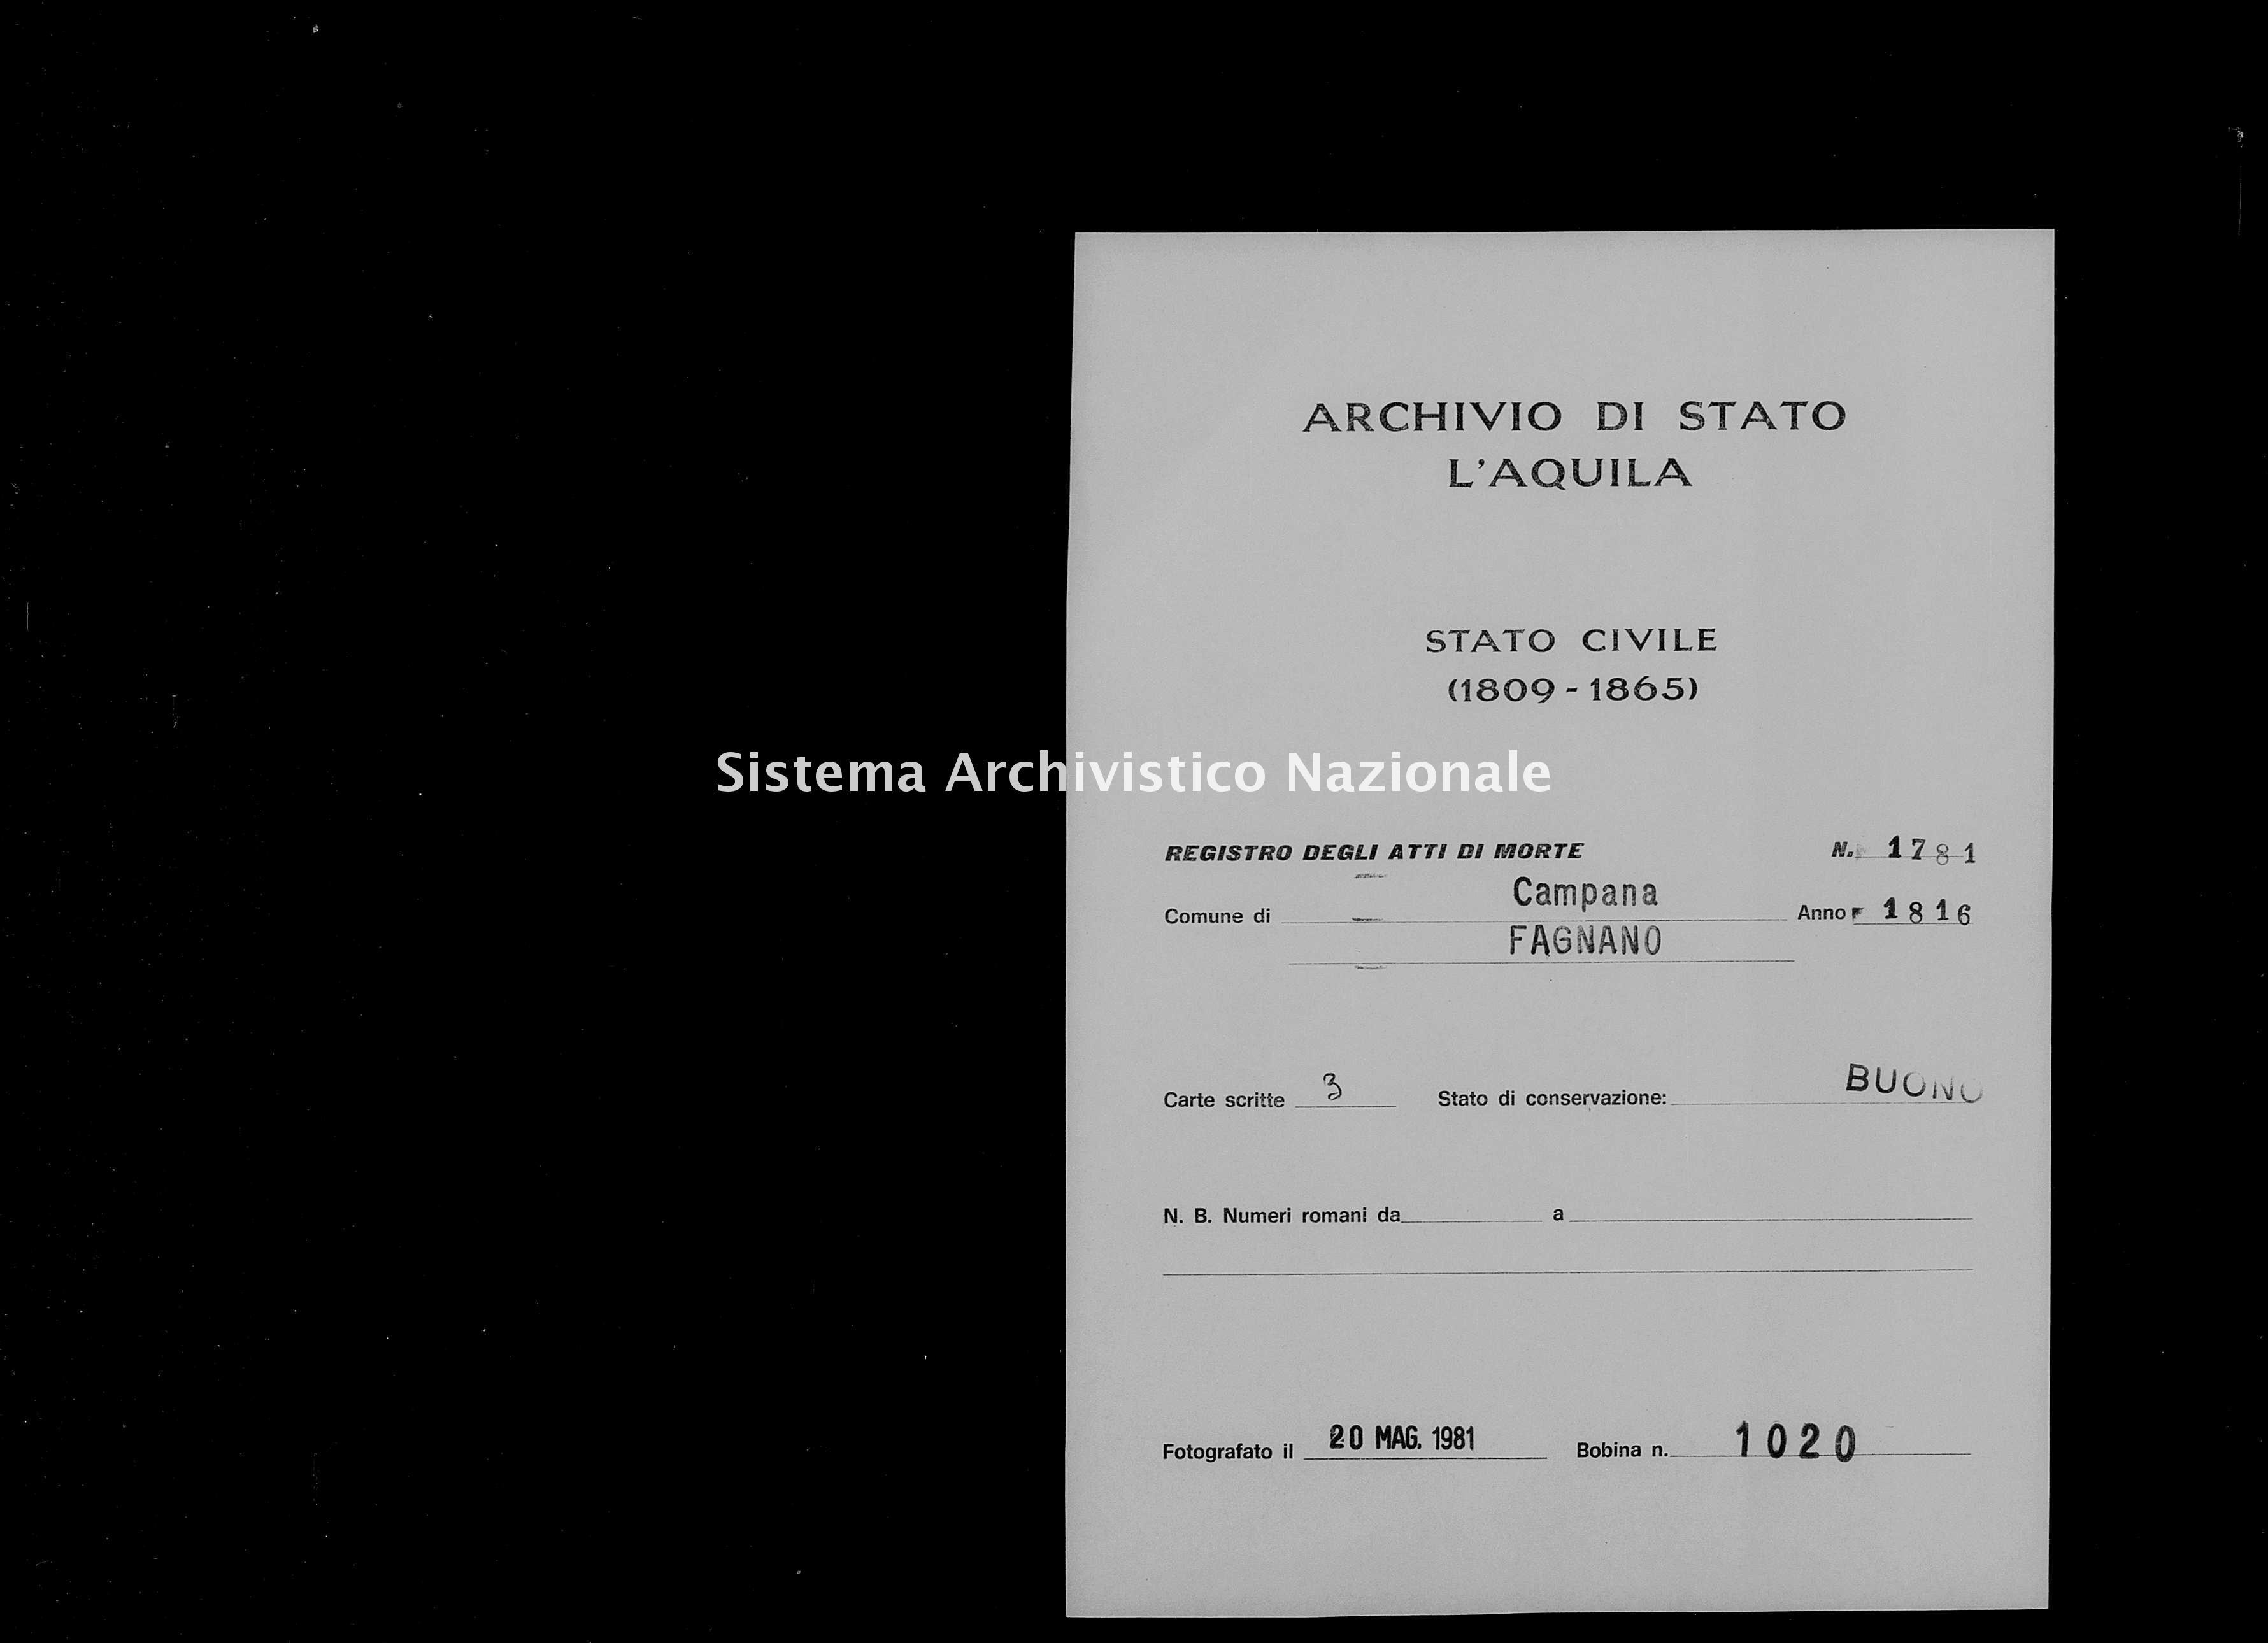 Archivio di stato di L'aquila - Stato civile della restaurazione - Campana - Morti - 1816 - 1781 -